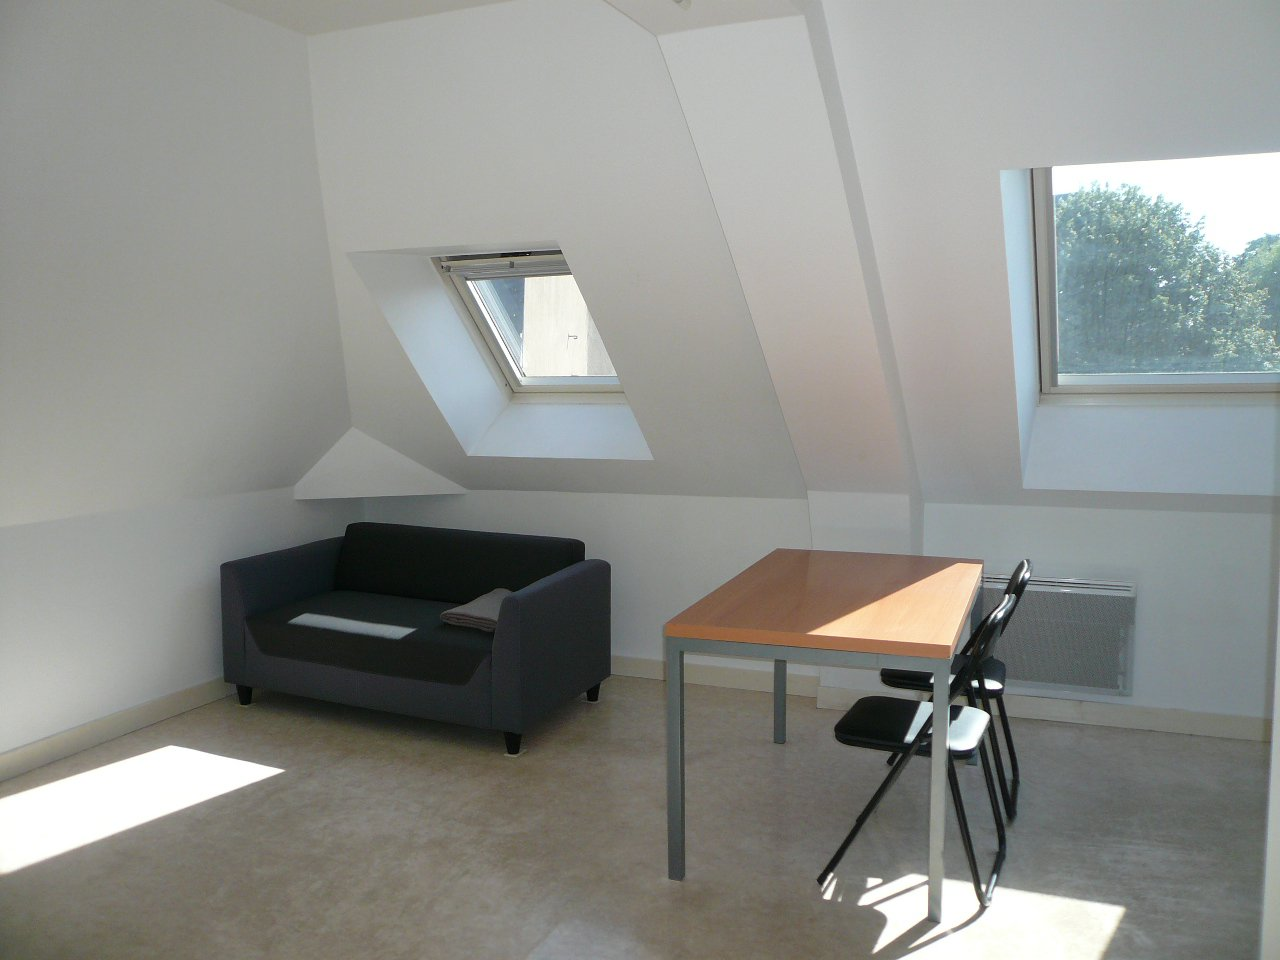 Appartement Thouars Centre Ville - 2 Pièce(s) - 33 m² (env.)